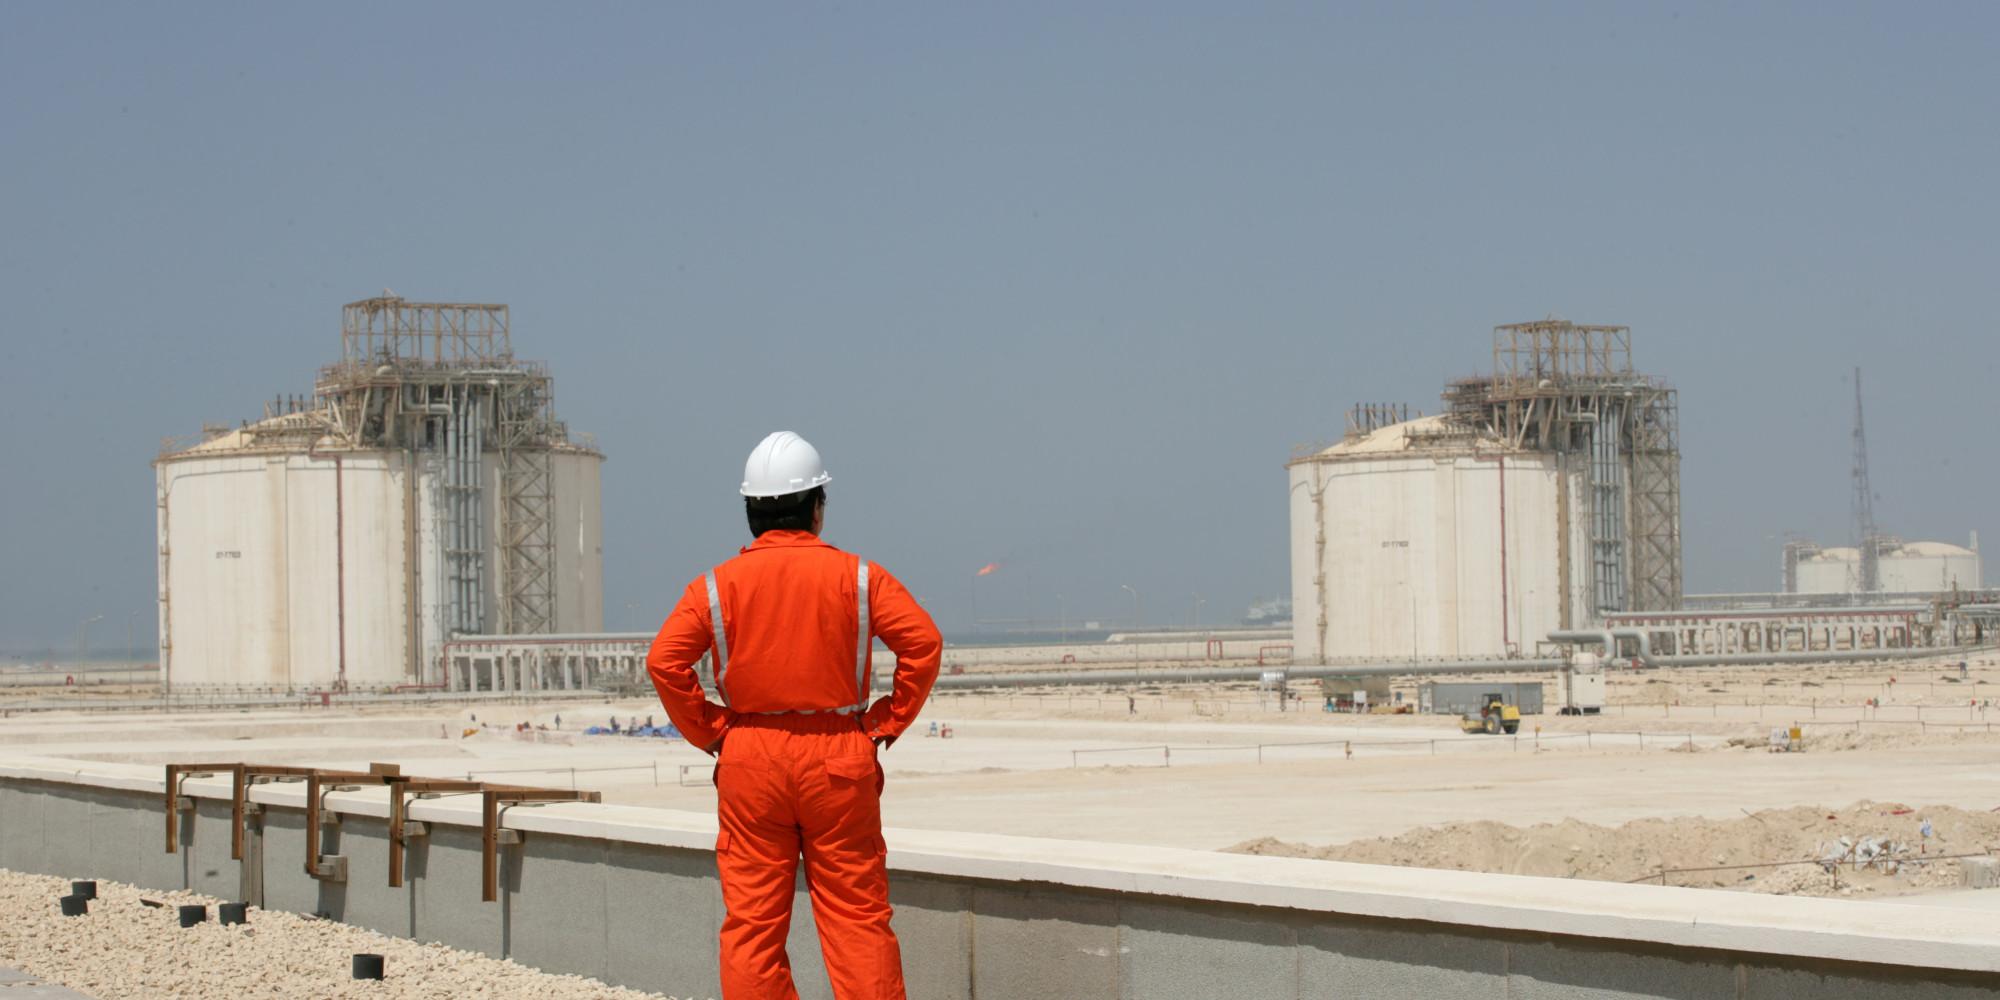 Le qatar est bien un pays esclavagiste haoues seniguer for Maison du monde qatar